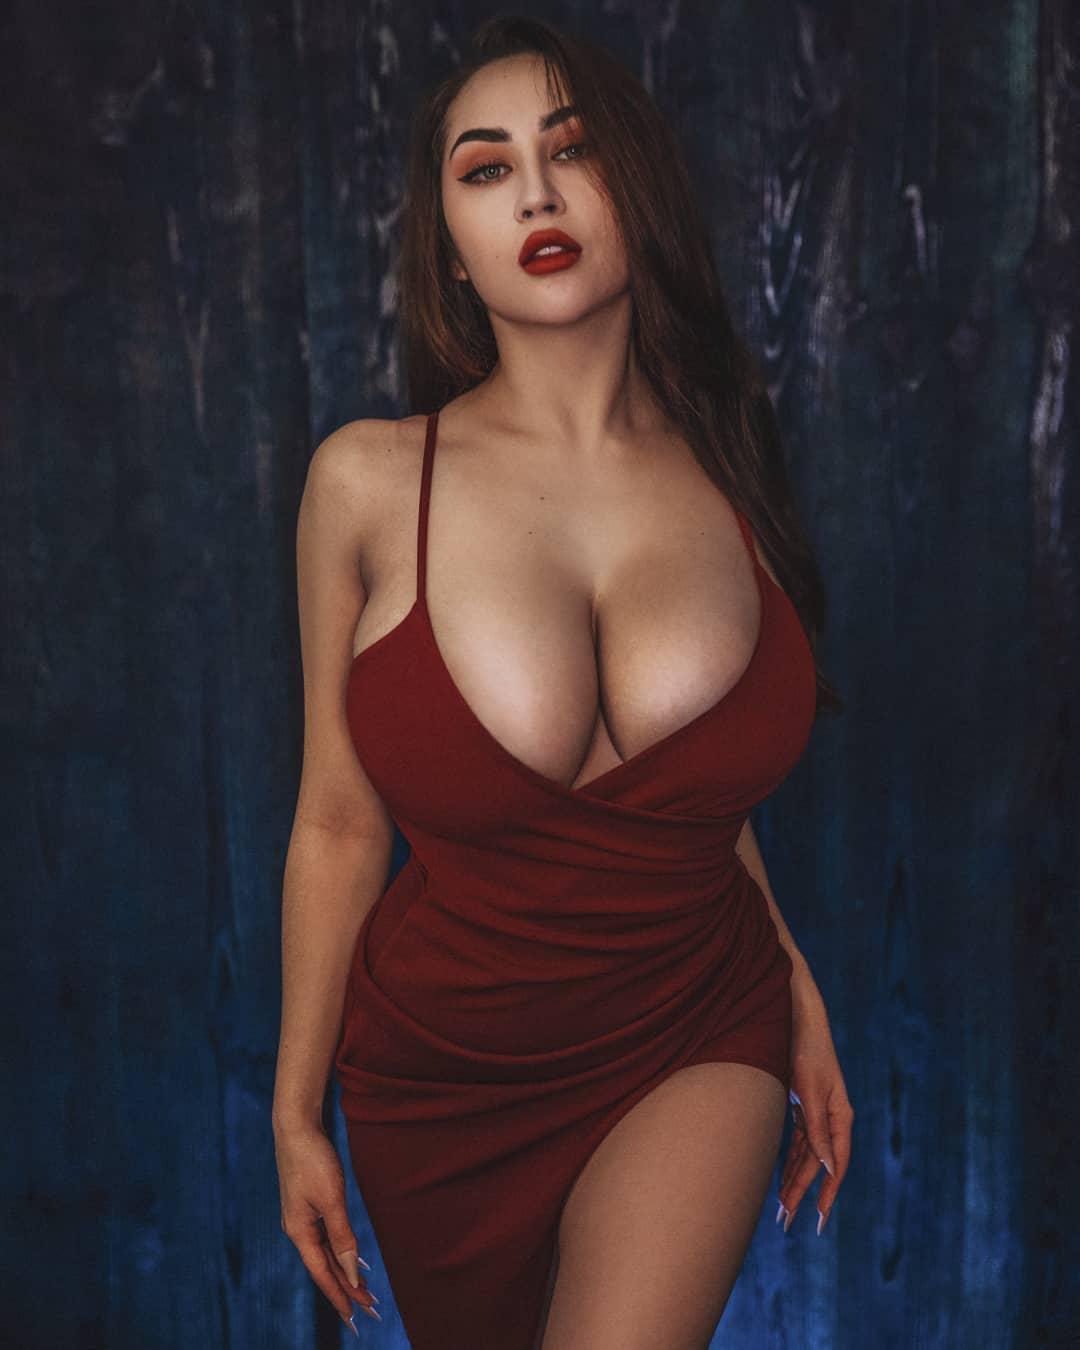 Louisa Khovanski Nude Onlyfans Leaked 0058